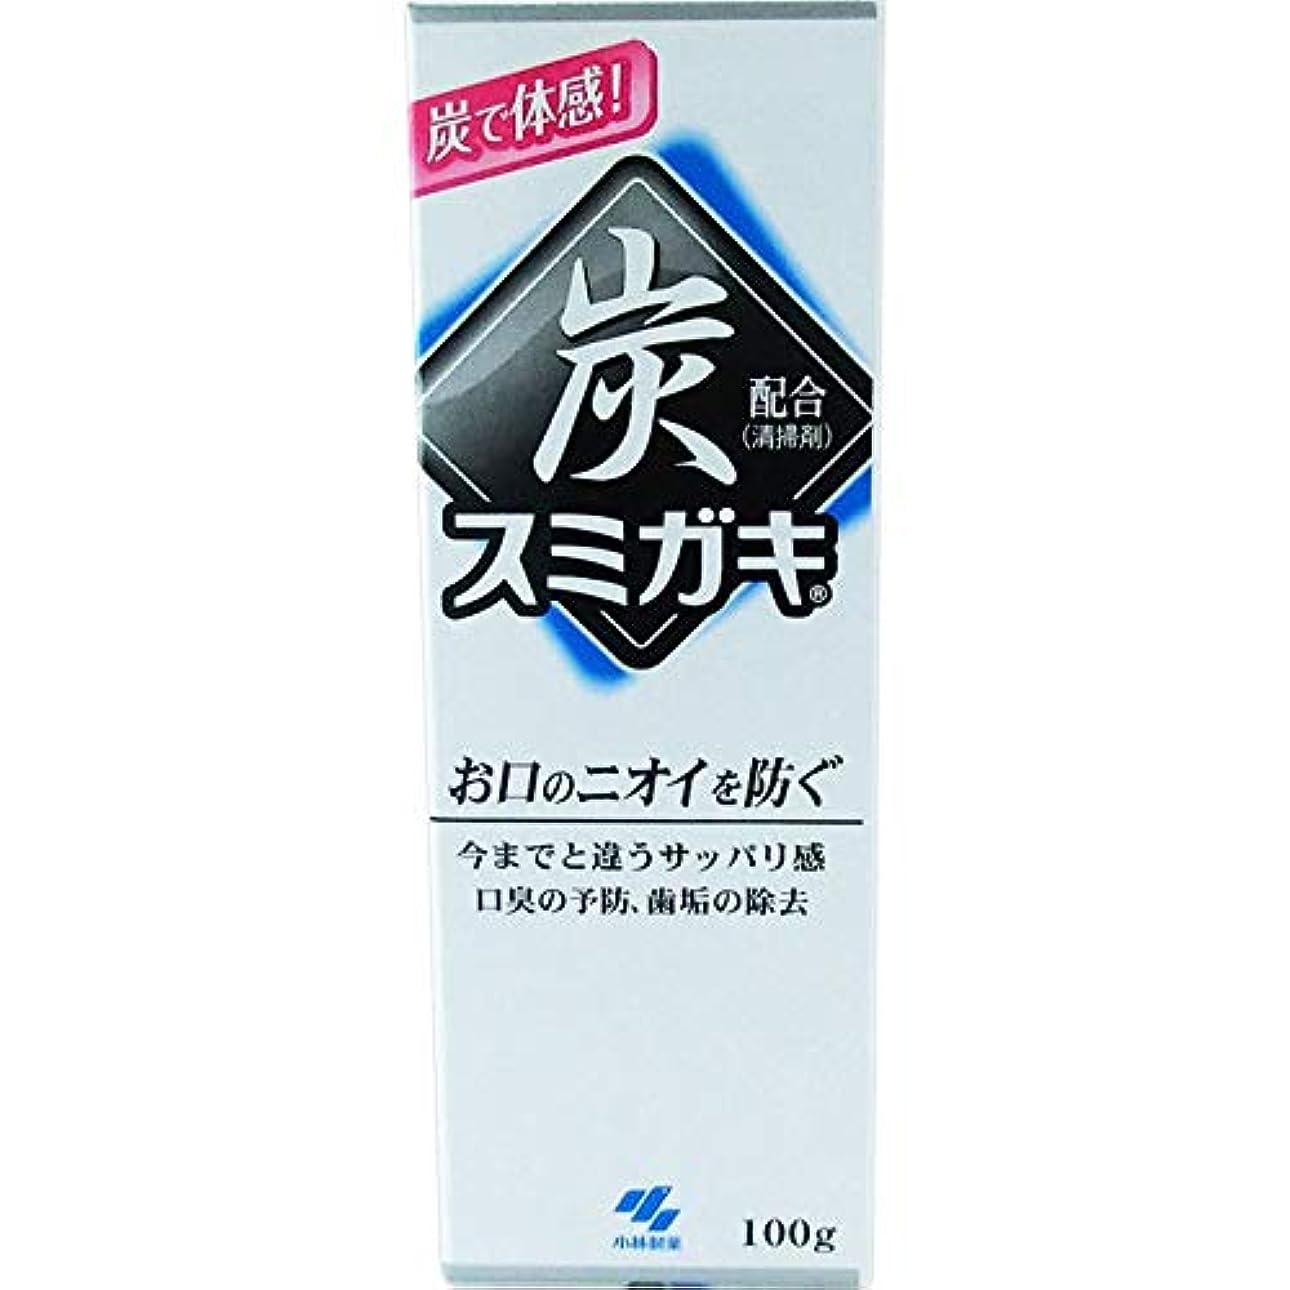 実り多い男バッテリー小林製薬 スミガキ 100g